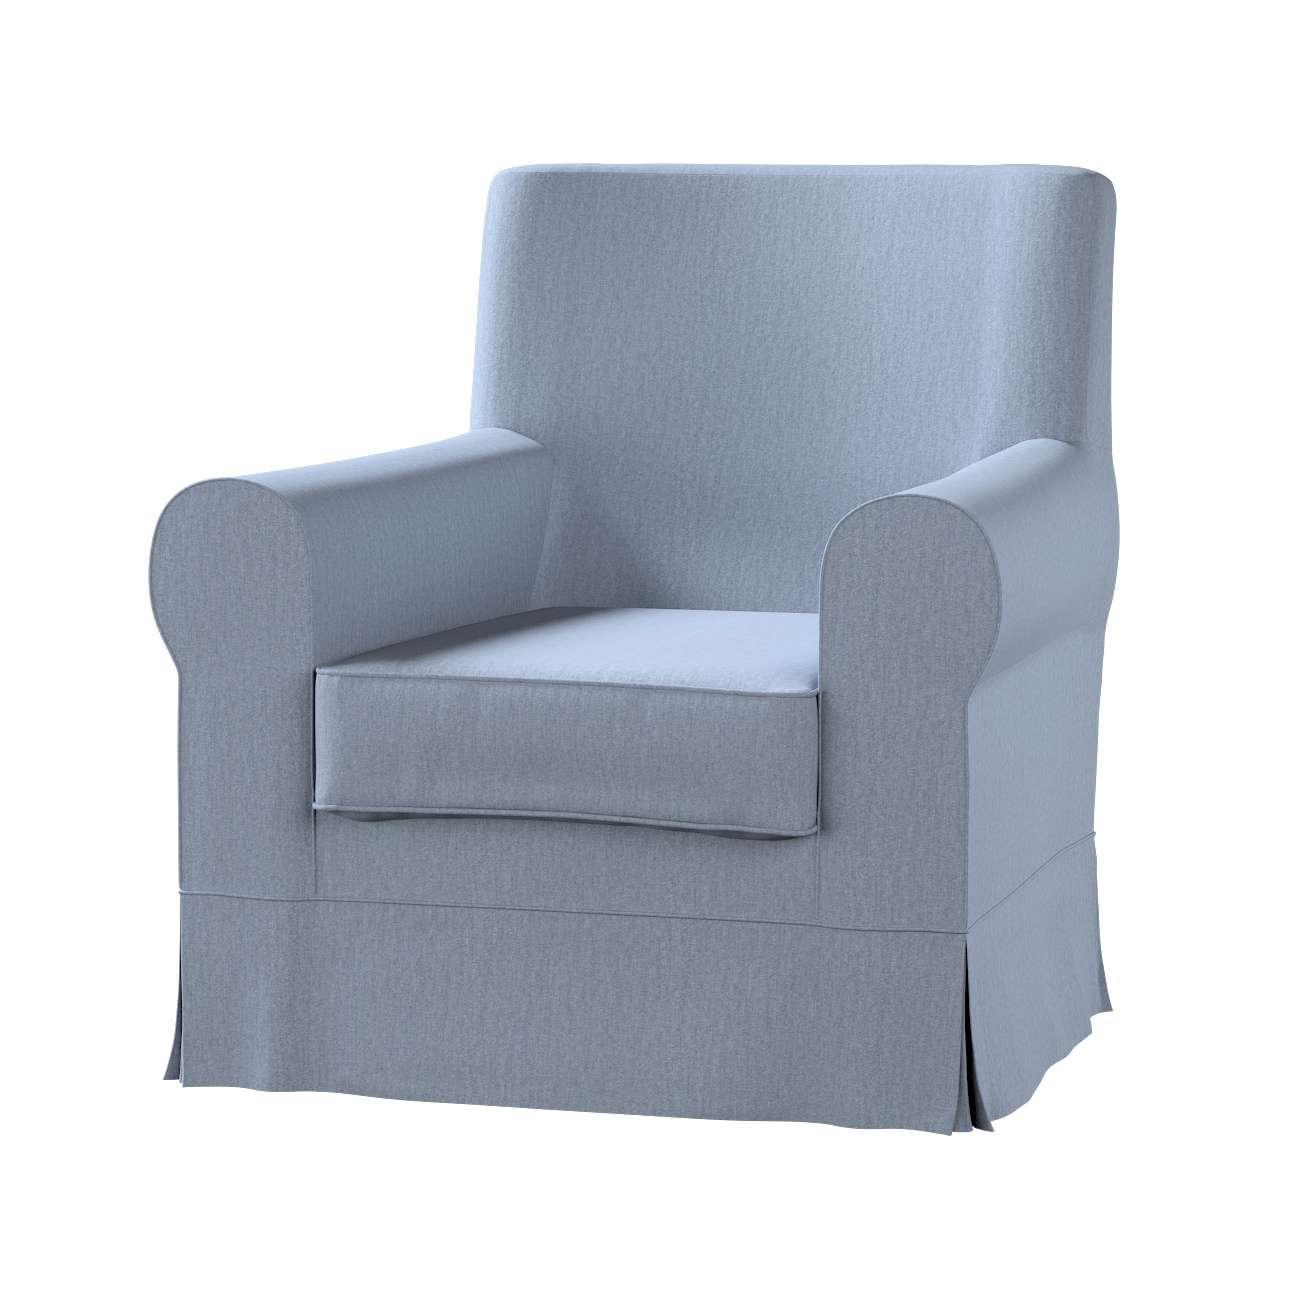 Pokrowiec na fotel Ektorp Jennylund Fotel Ektorp Jennylund w kolekcji Chenille, tkanina: 702-13